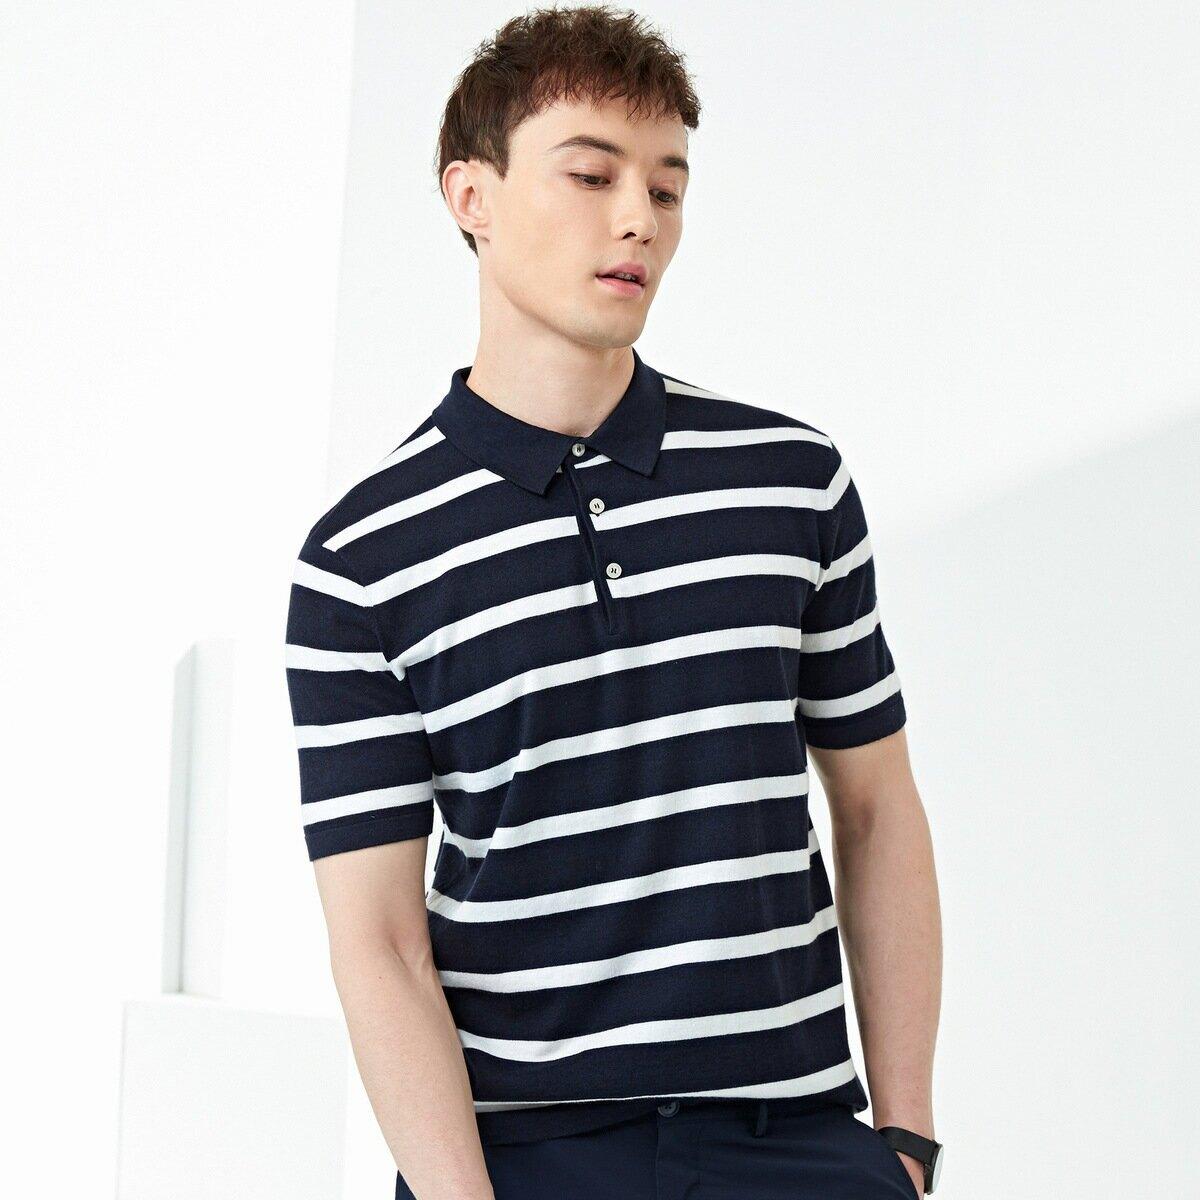 男裝2021夏款男士針織短袖t恤 翻領條紋撞色Polo衫男